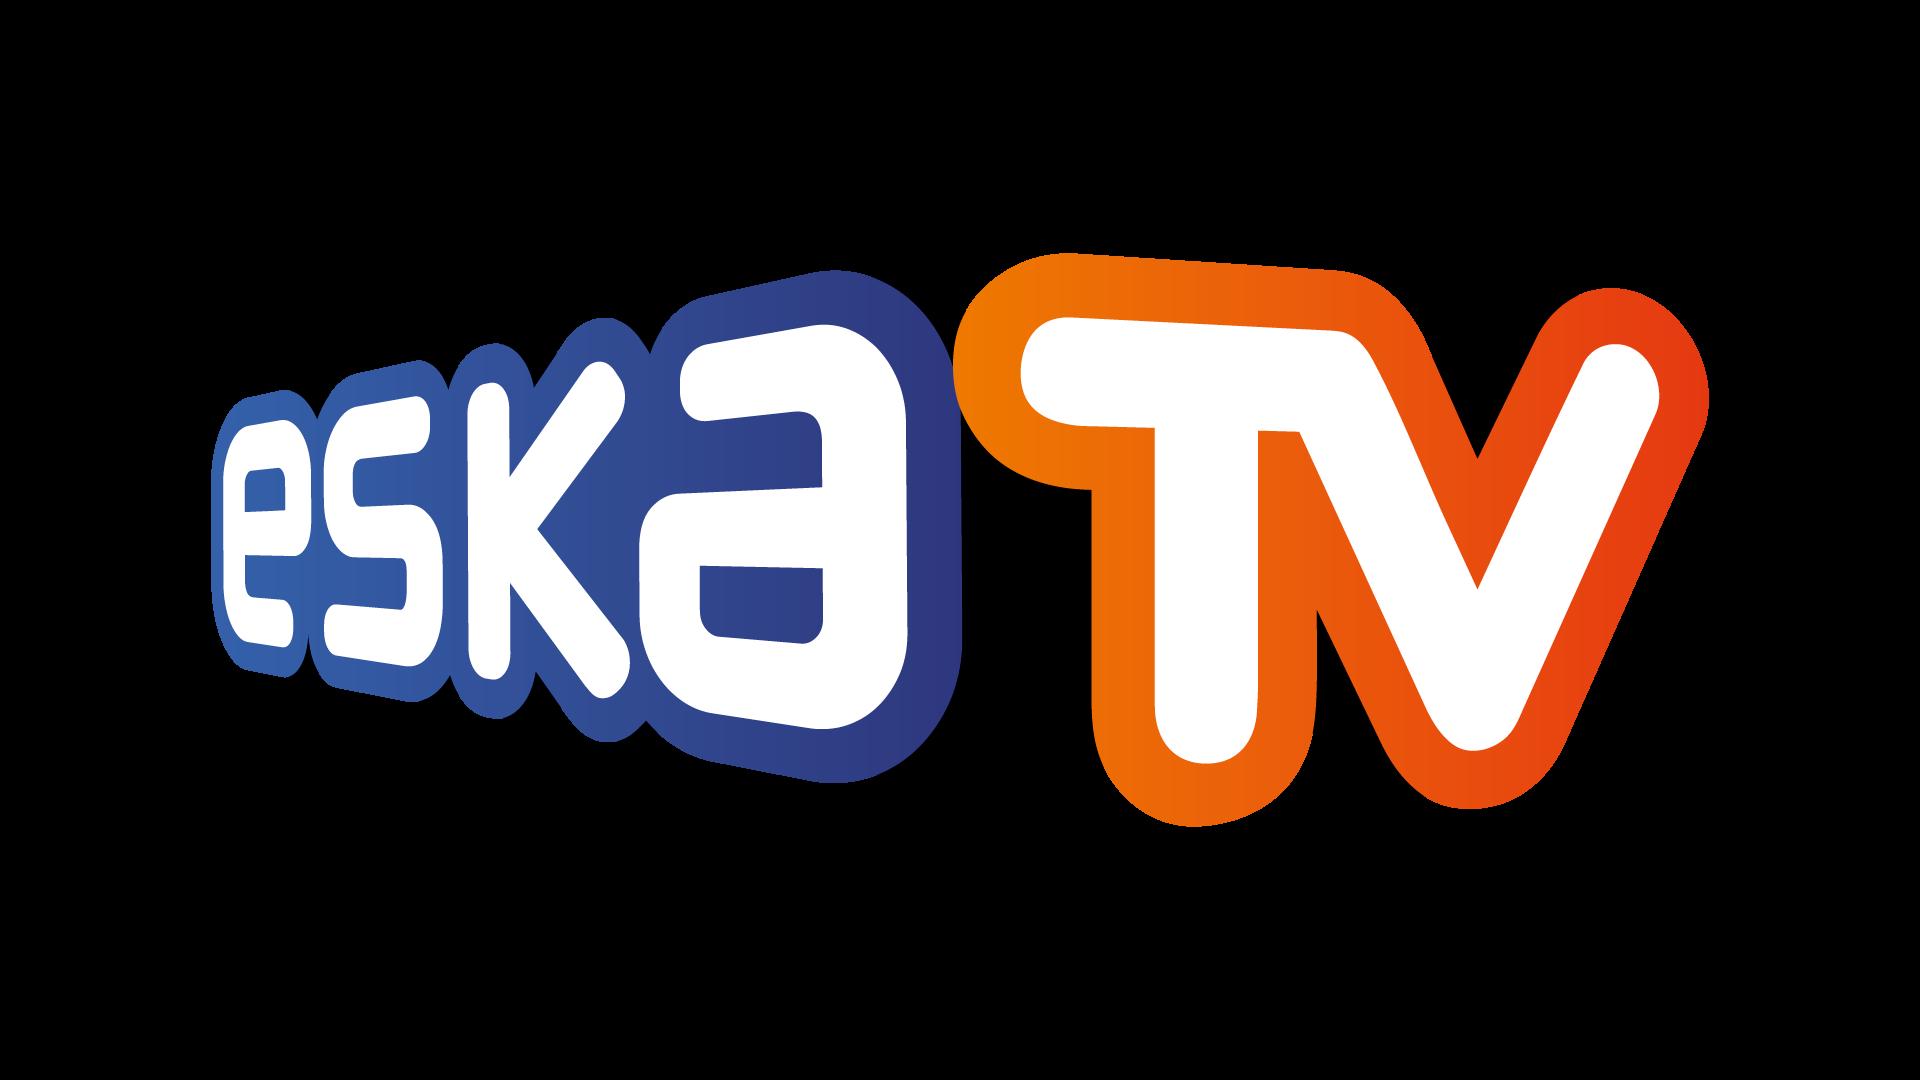 ESKA TV Live TV, Online